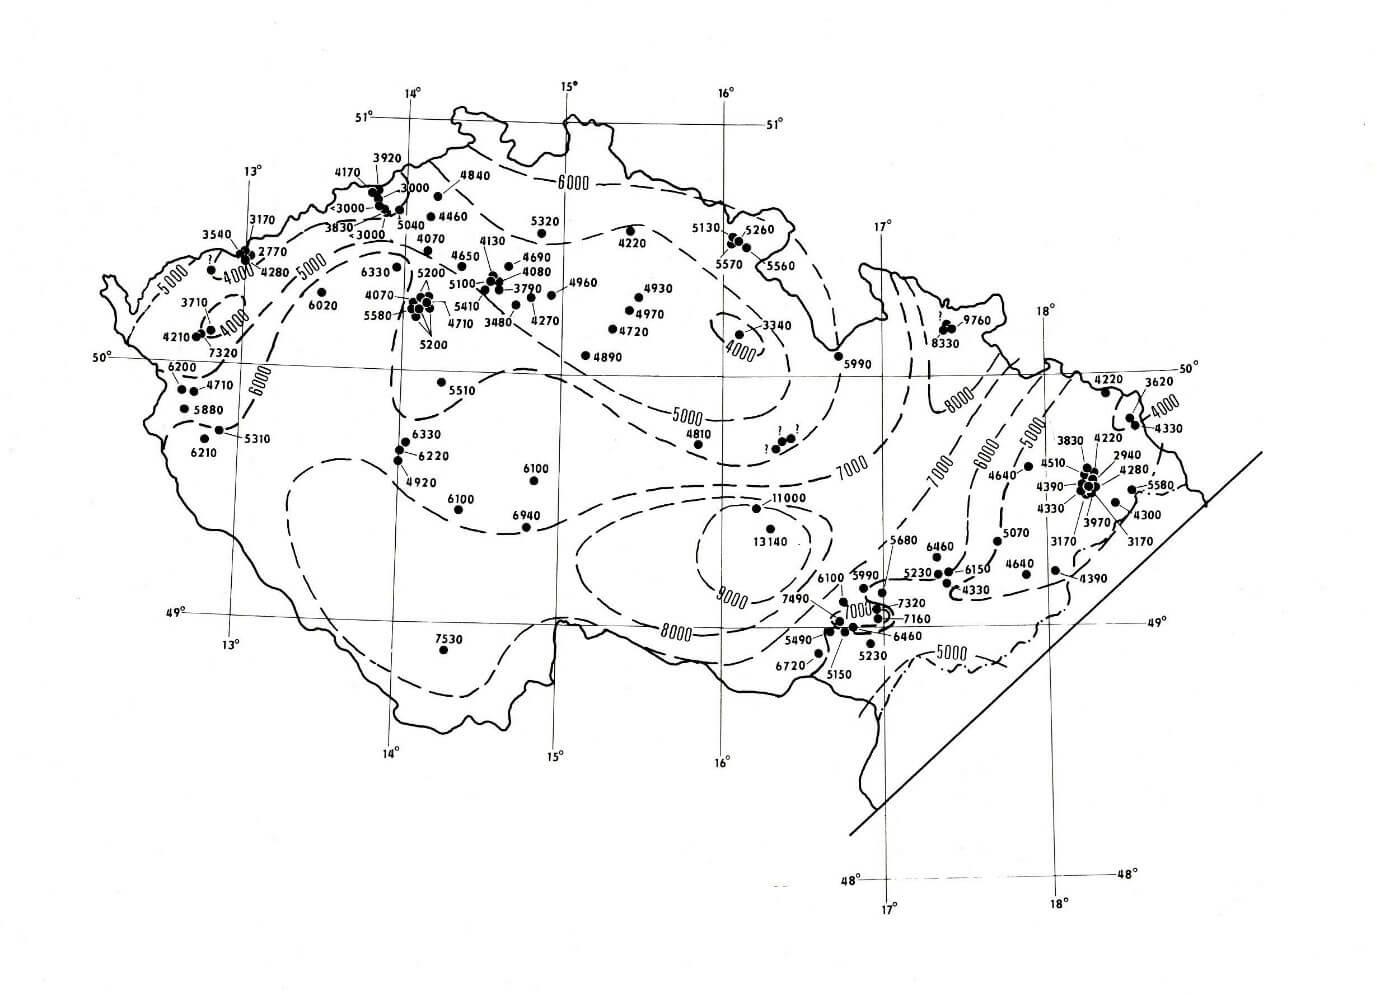 Prognóza hloubek (v metrech) teploty 130 oC na území České republiky (zdroj V. Čermák aj. Šafanda, 1982).